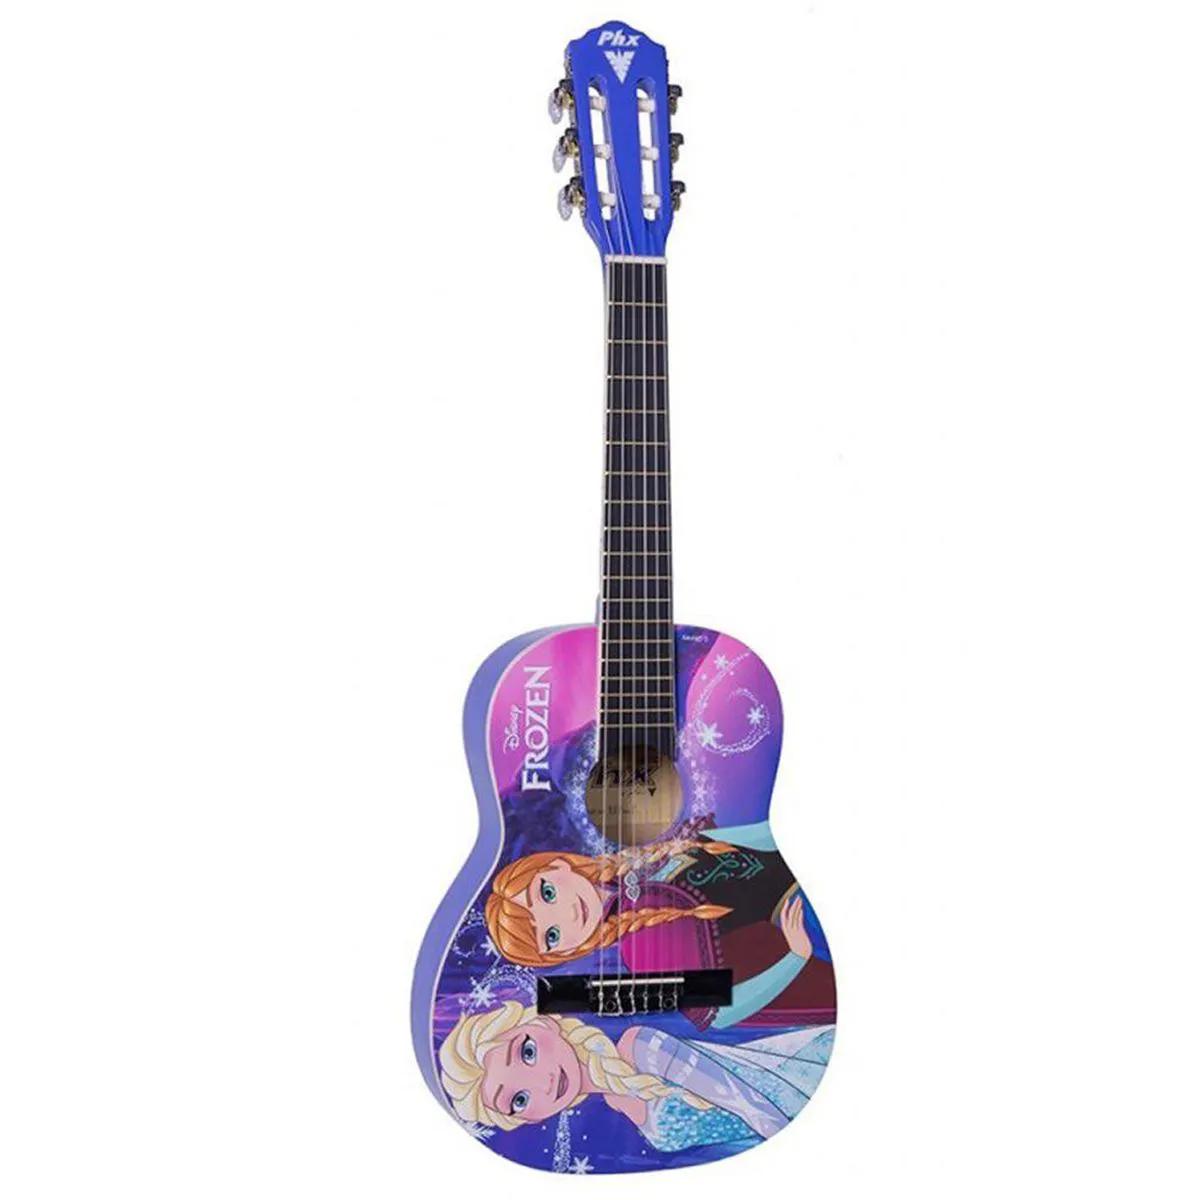 Violão Acústico PHX VIF-2 Disney Frozen Elsa e Anna com Capa